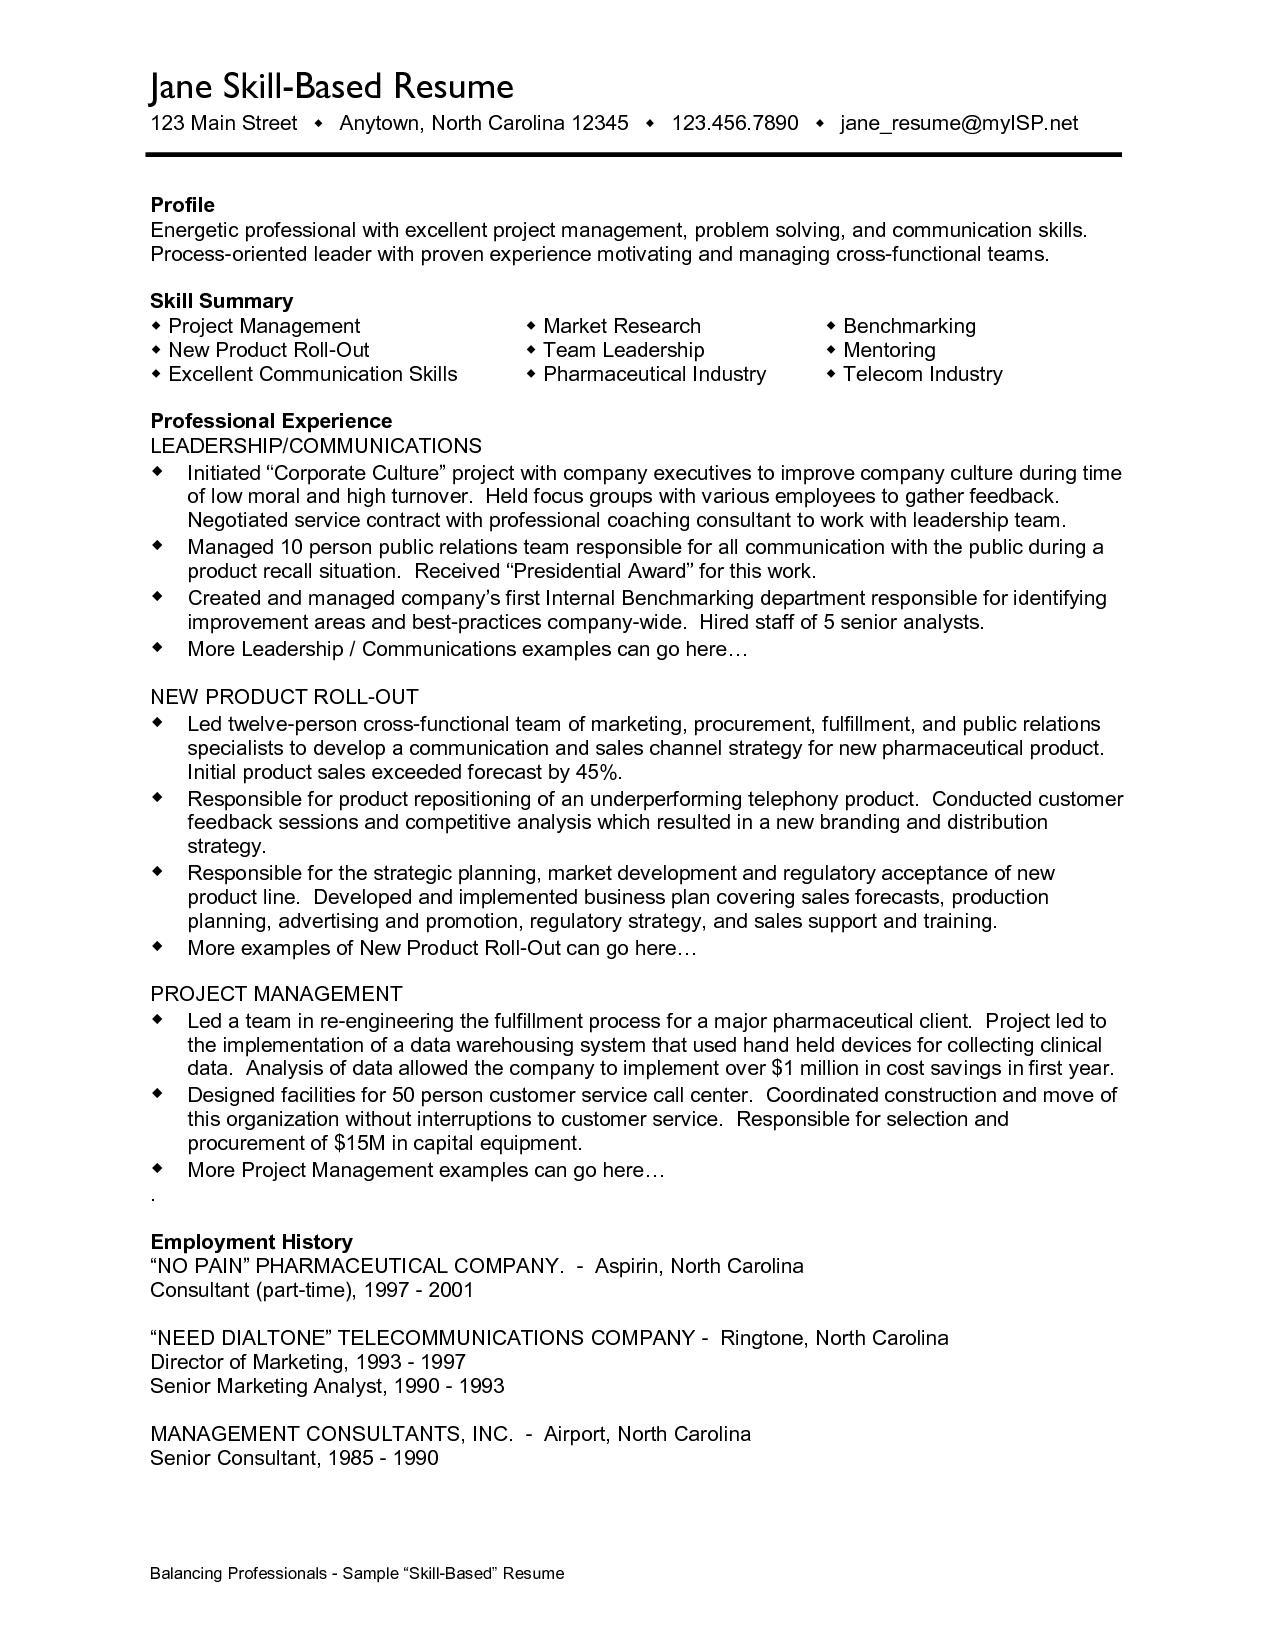 Professional Skills Sample Resume Resume Skills Section Resume Skills Resume Objective Examples